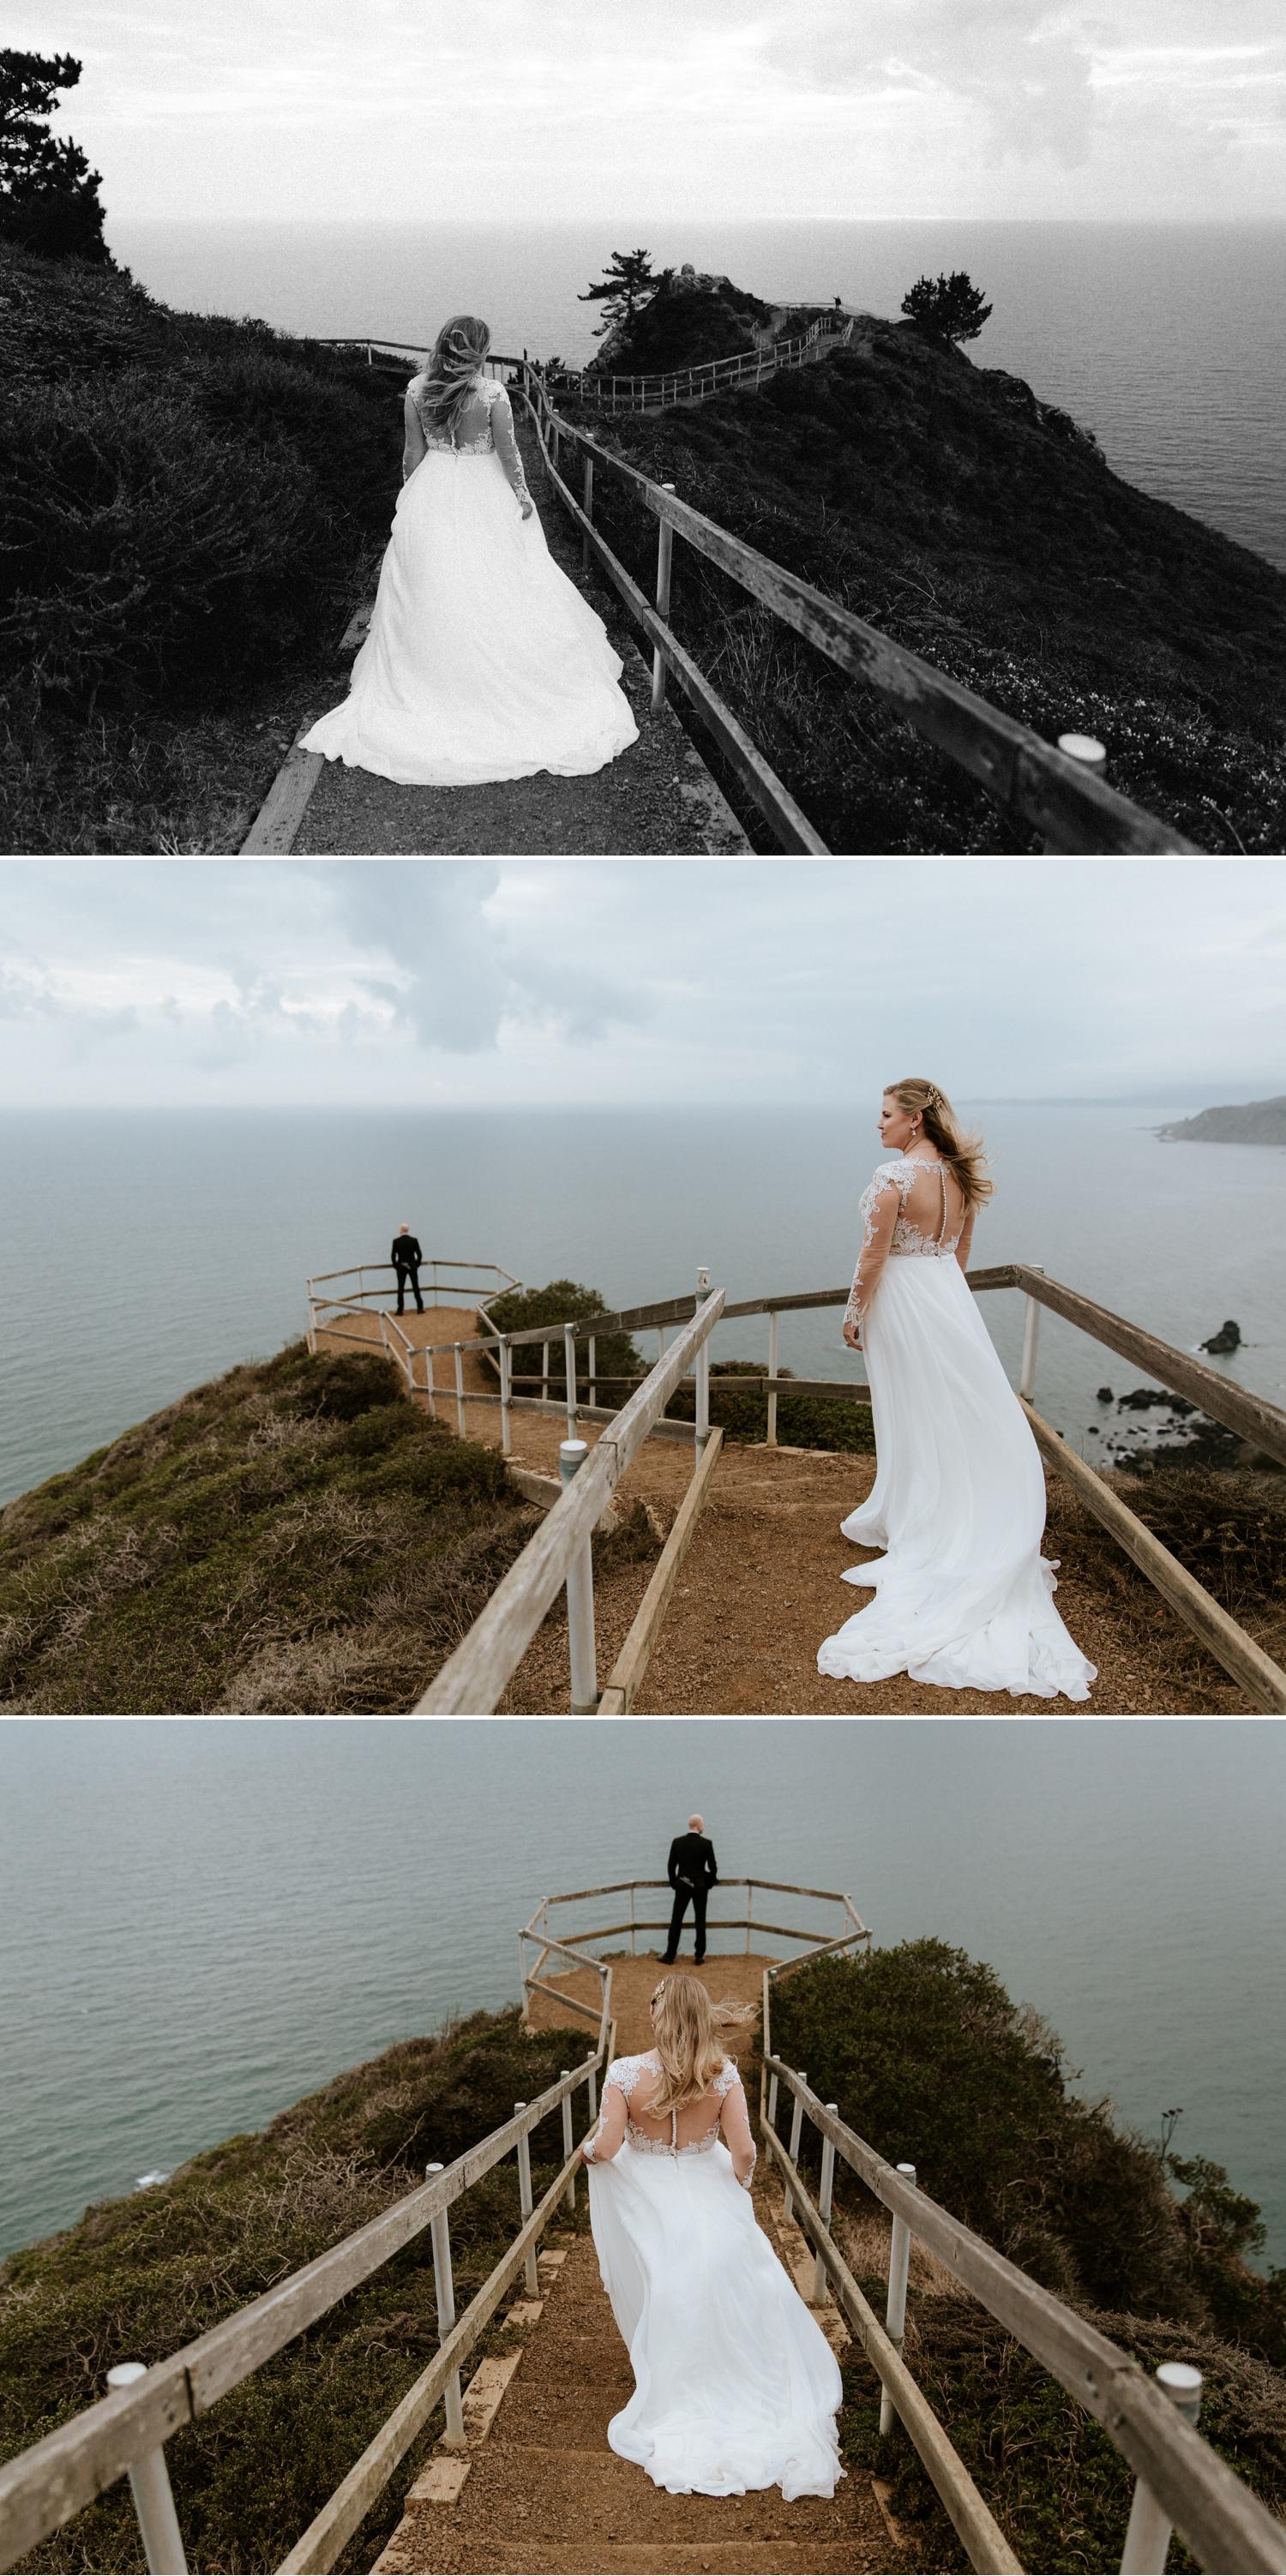 hannah-nick-intimate-muir-woods-wedding-12.jpg